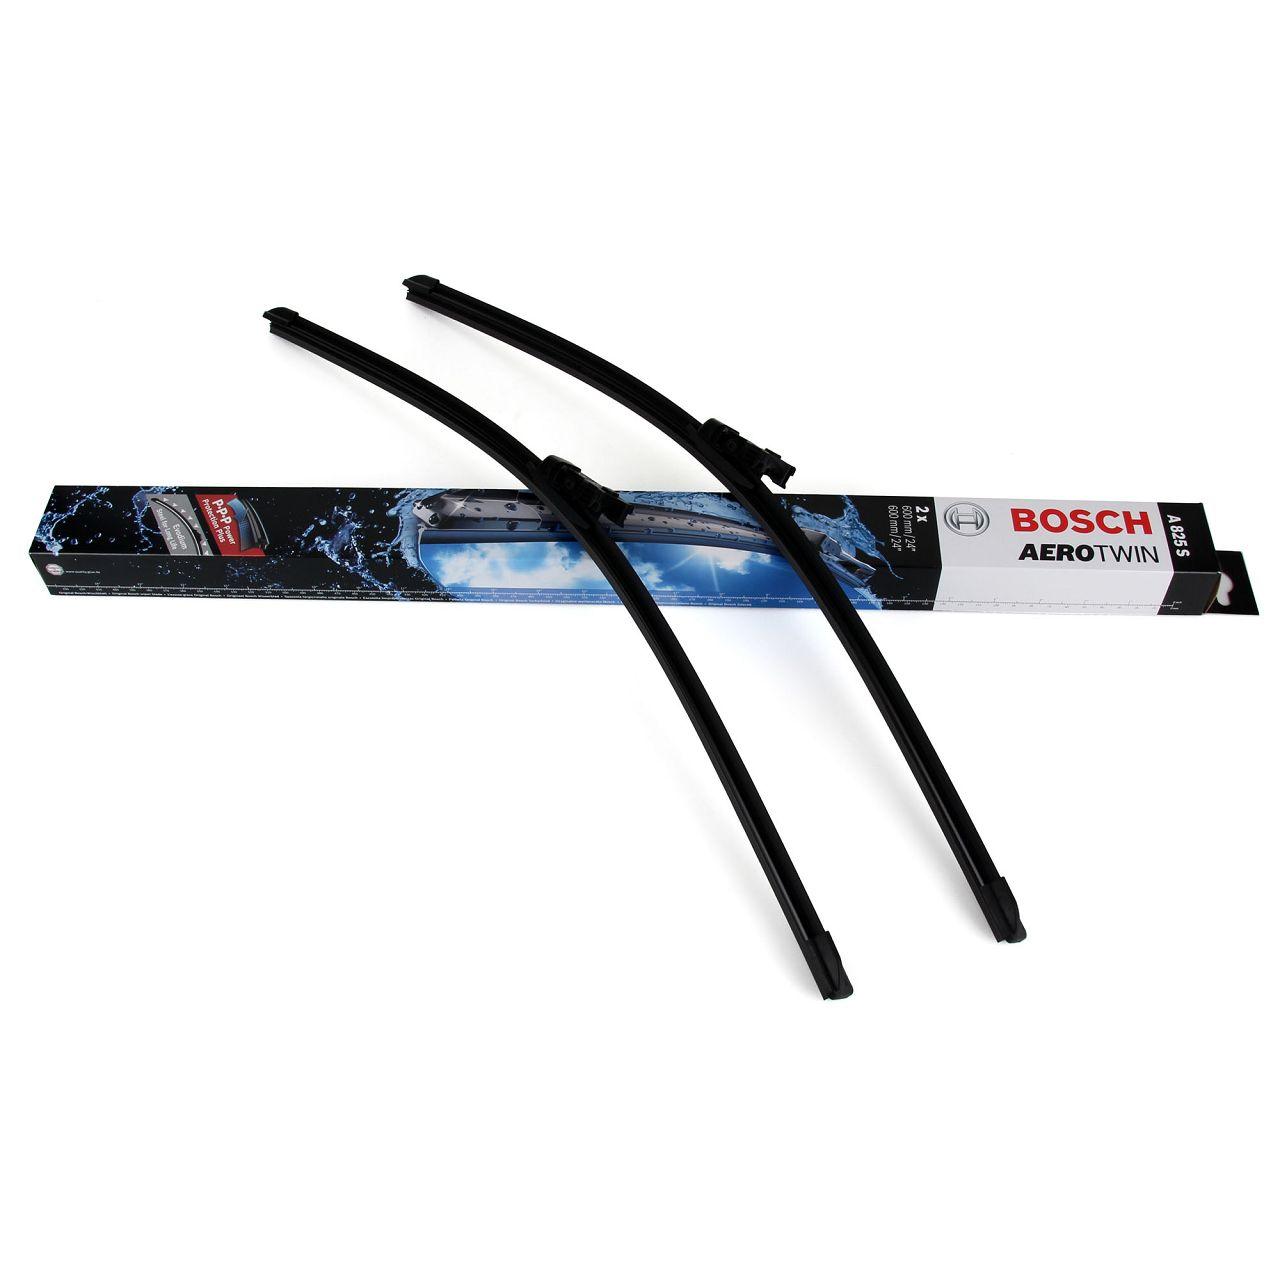 BOSCH AEROTWIN A825S Scheibenwischer Wischer für MERCEDES W204 C218 W212 S212